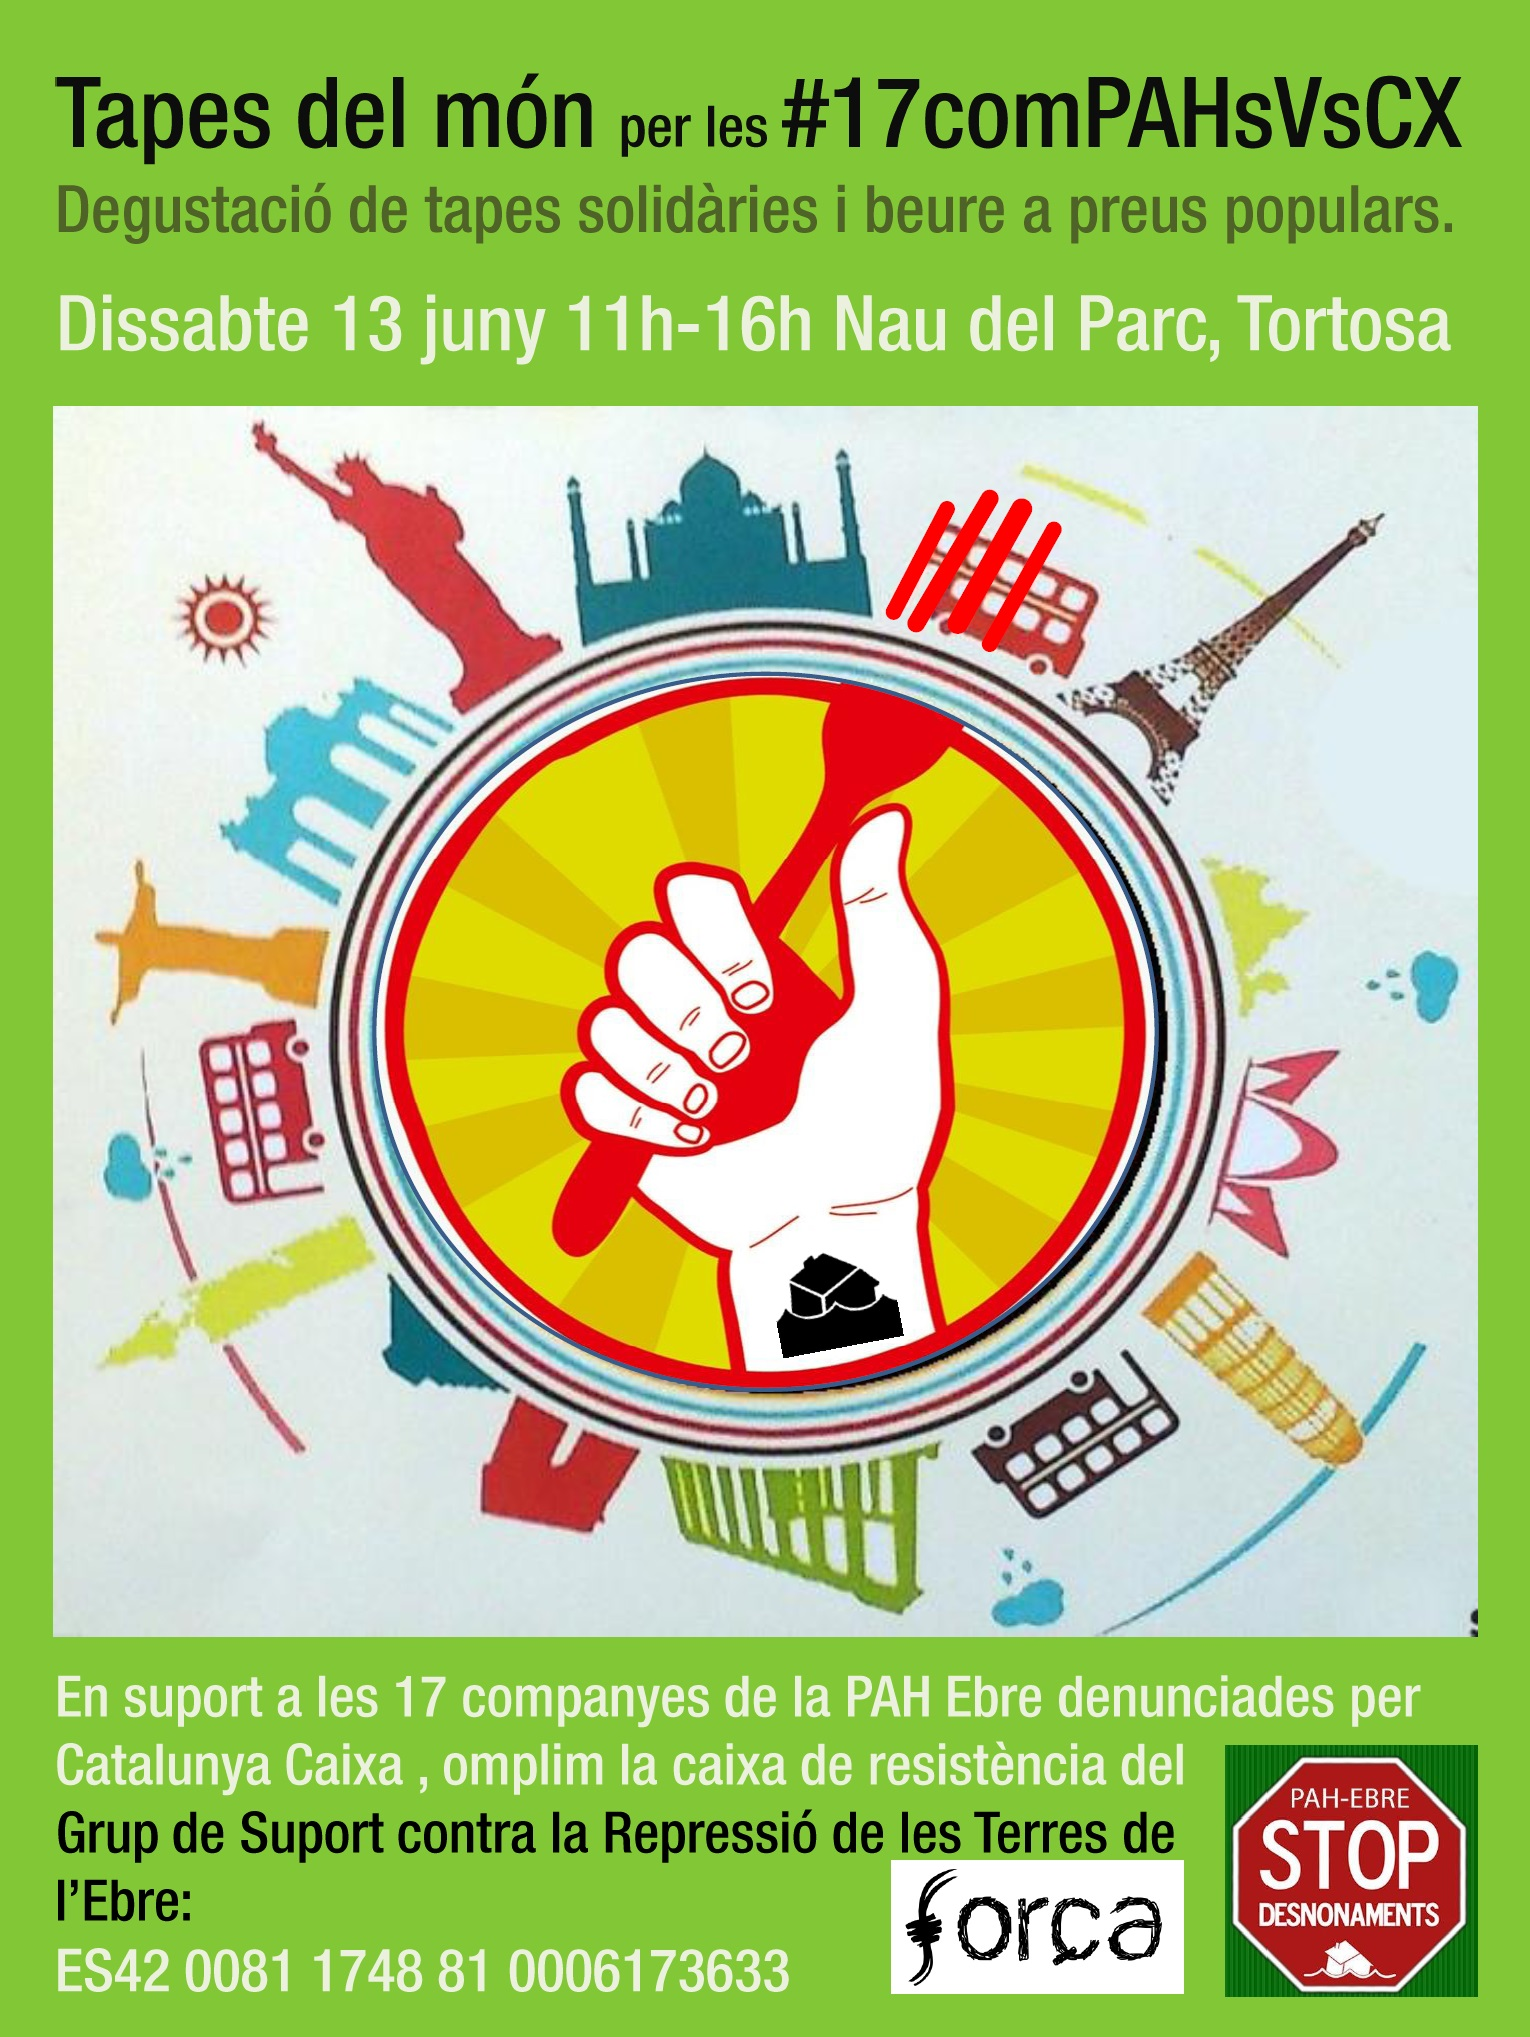 Tapes solidàries en suport a les #17comPAHsVsCX. #13J Nau del Parc #Tortosa